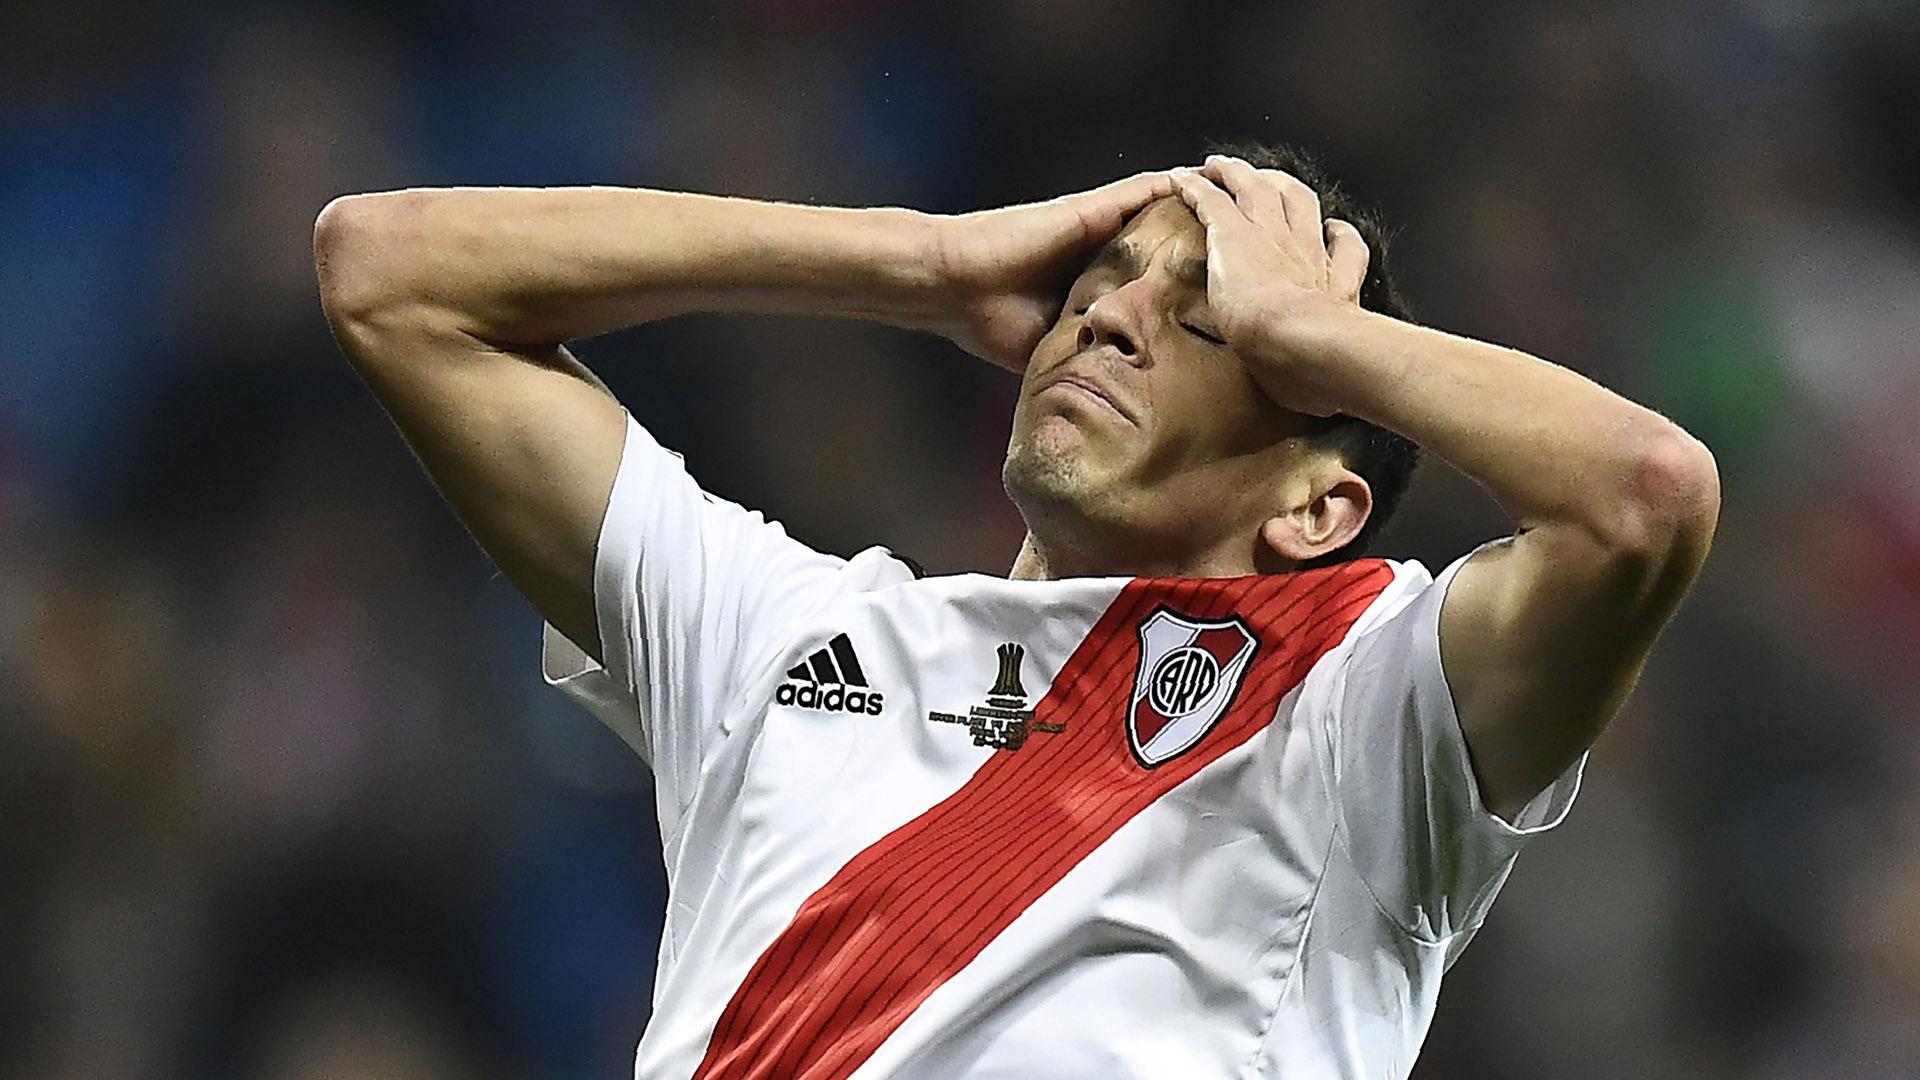 Se confirmó el grado de la lesión de Ignacio Fernández: por cuánto tiempo  lo perderá River - Infobae